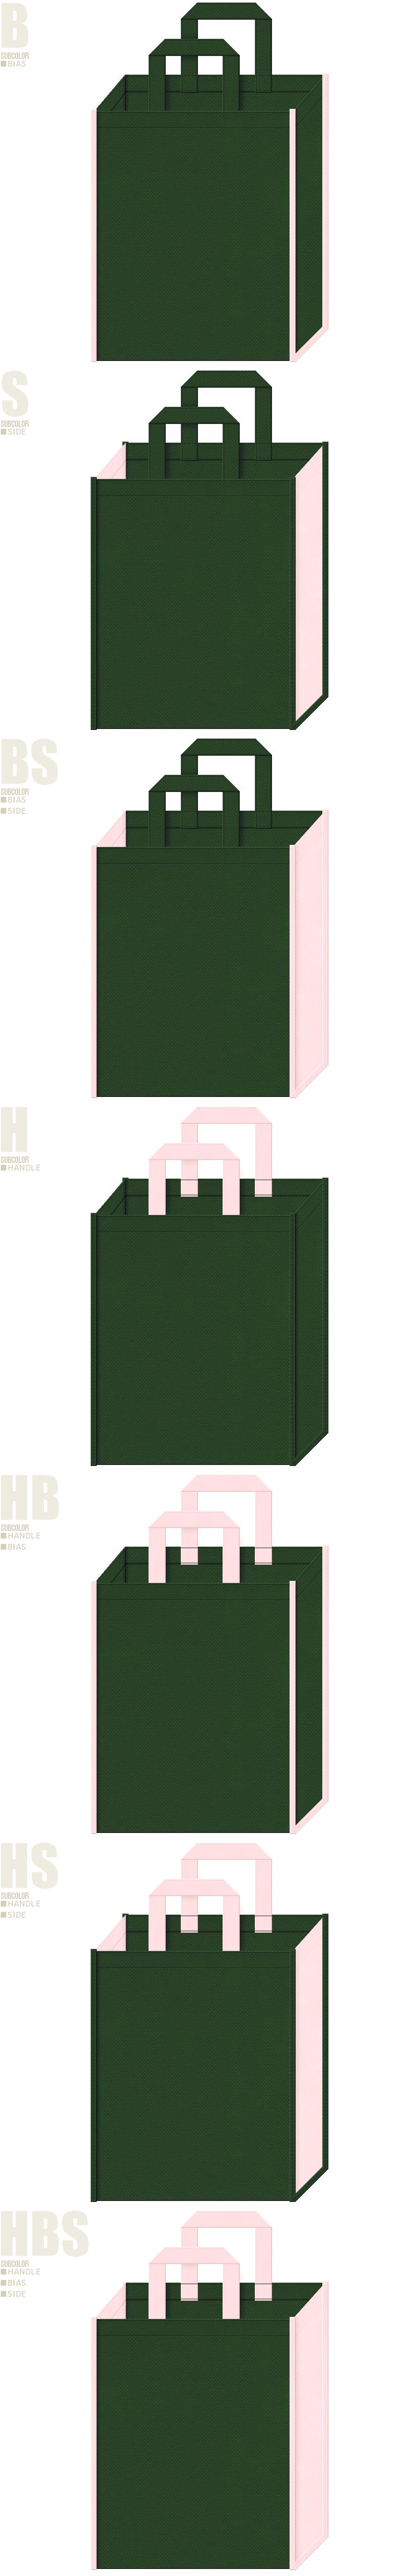 濃緑色と桜色、7パターンの不織布トートバッグ配色デザイン例。卒業式、春のイベント用不織布バッグにお奨めの配色です。